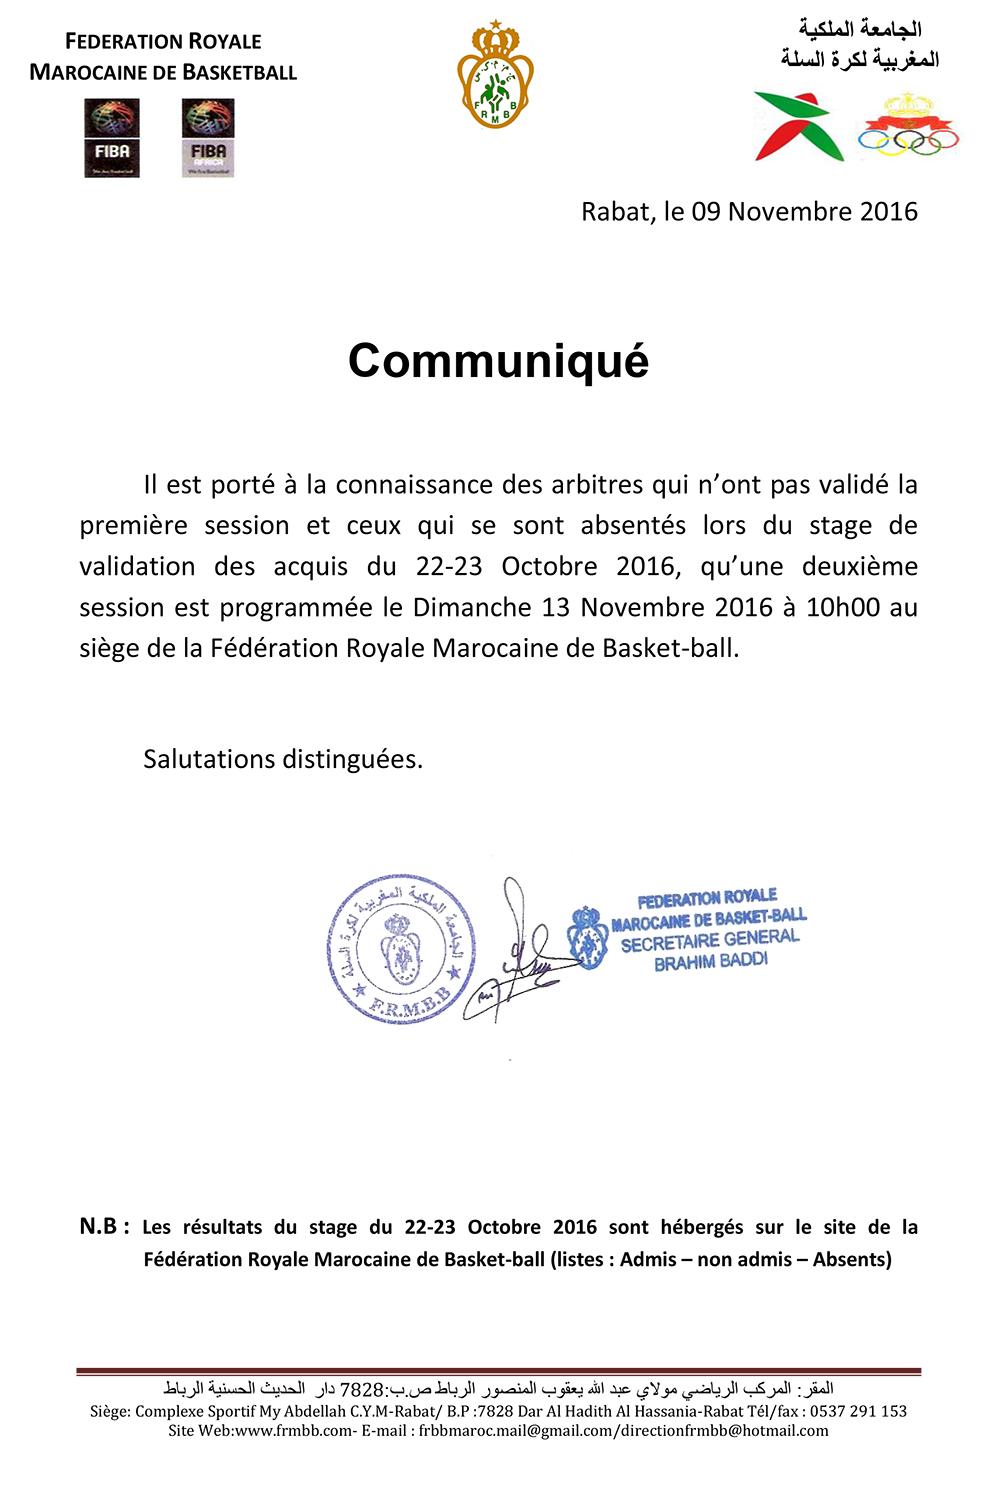 communique-des-resultats-du-stage-de-validation-des-acquis-des-arbitres-du-22-23-octobre-2016-copy